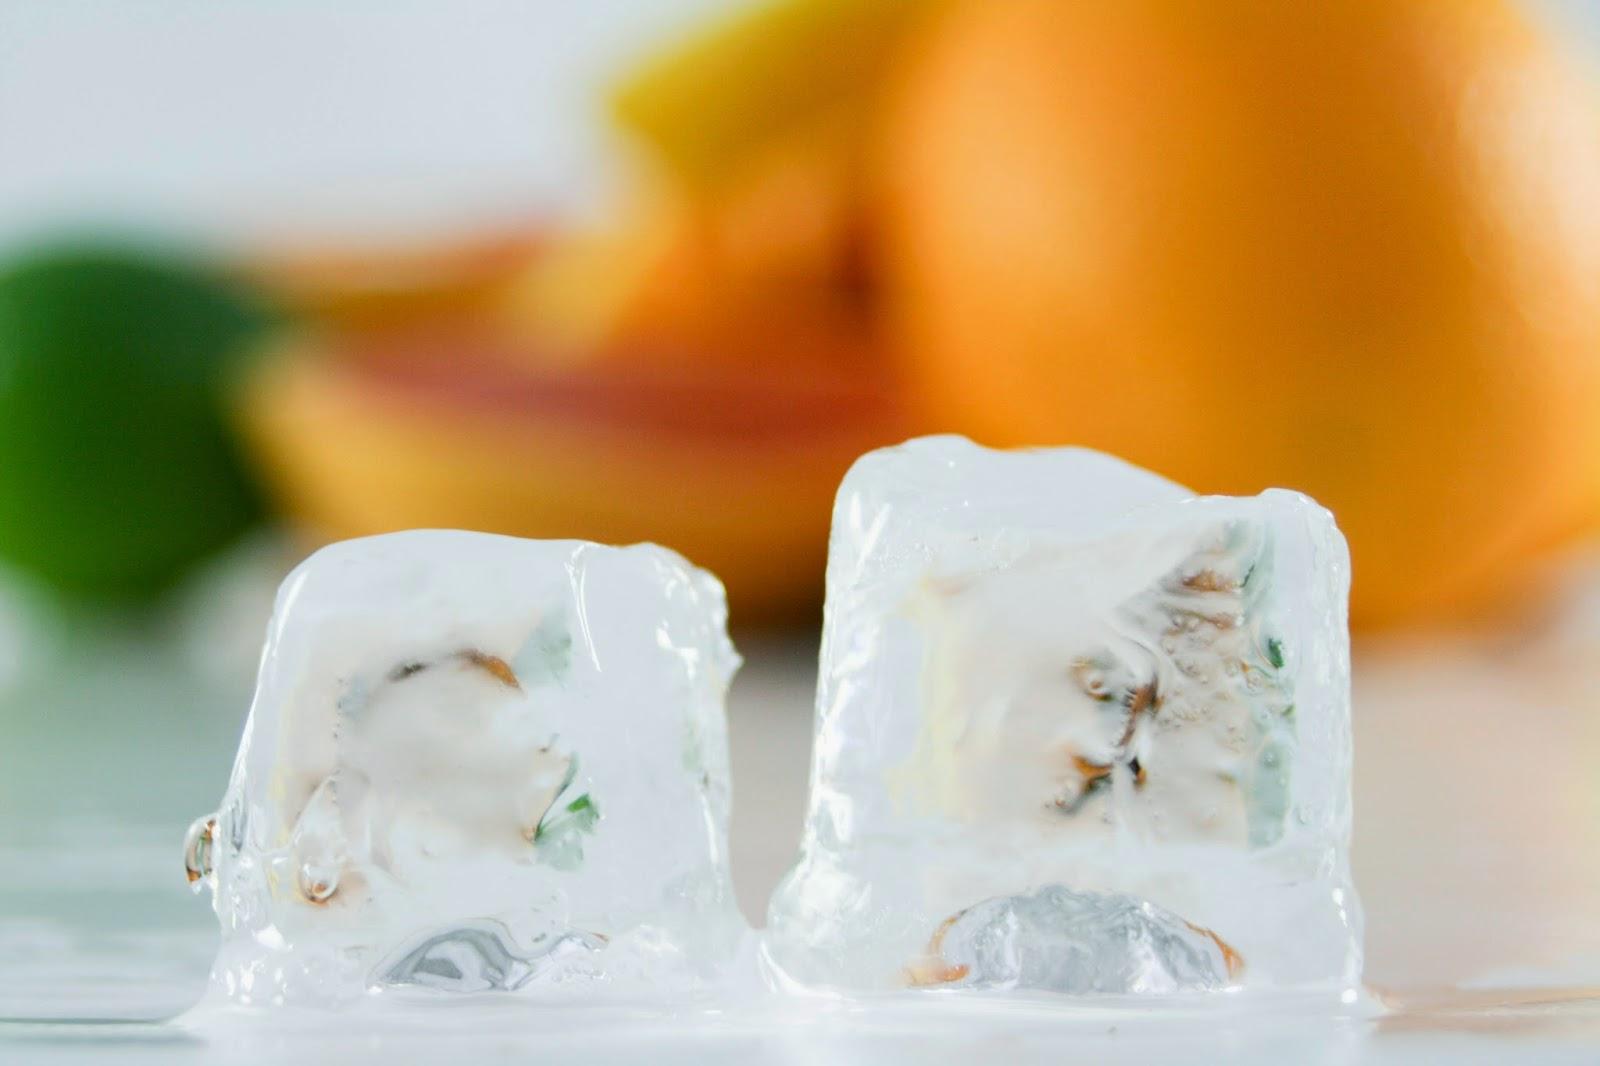 Jak na vosk pomocí ledu